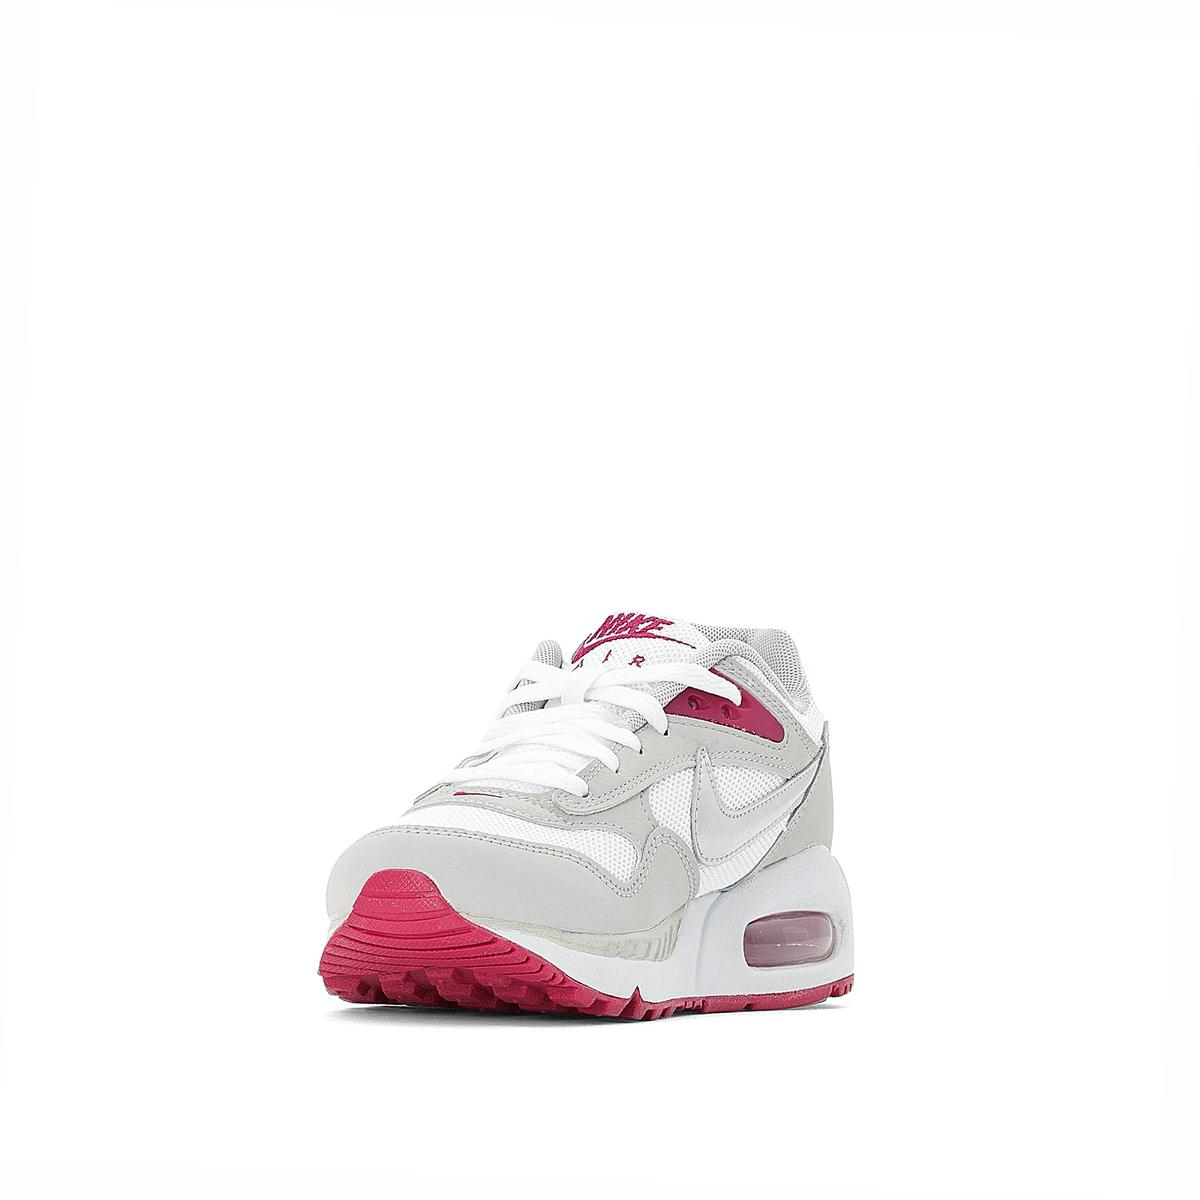 Imagen secundaria de producto de Zapatillas Air Max Correlate - Nike